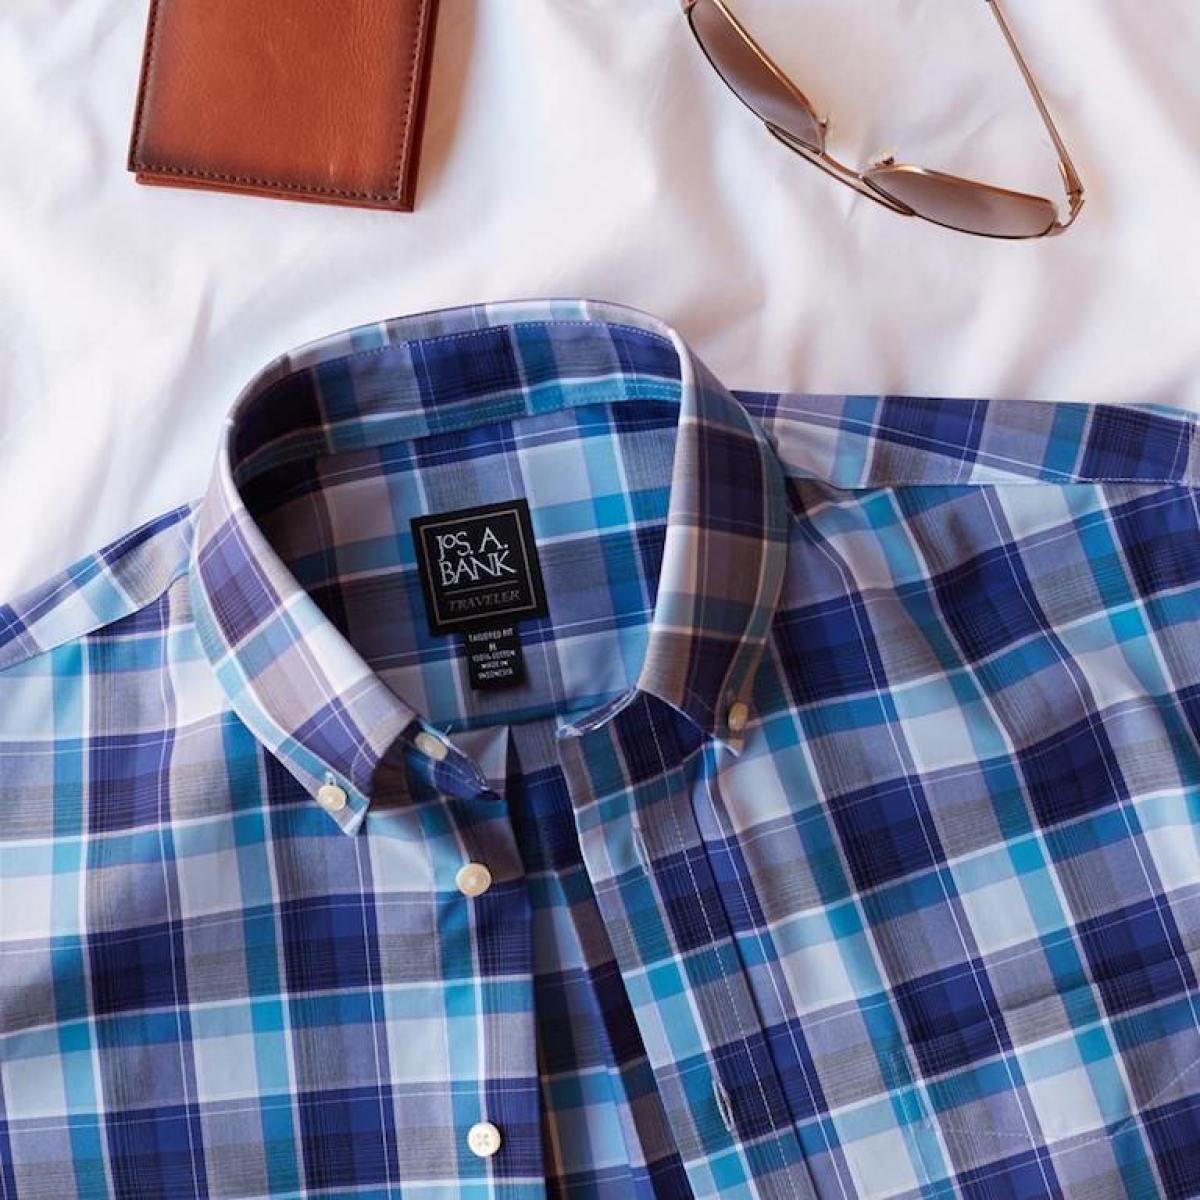 Jos. A. Bank Traveler Collection plaid shirt